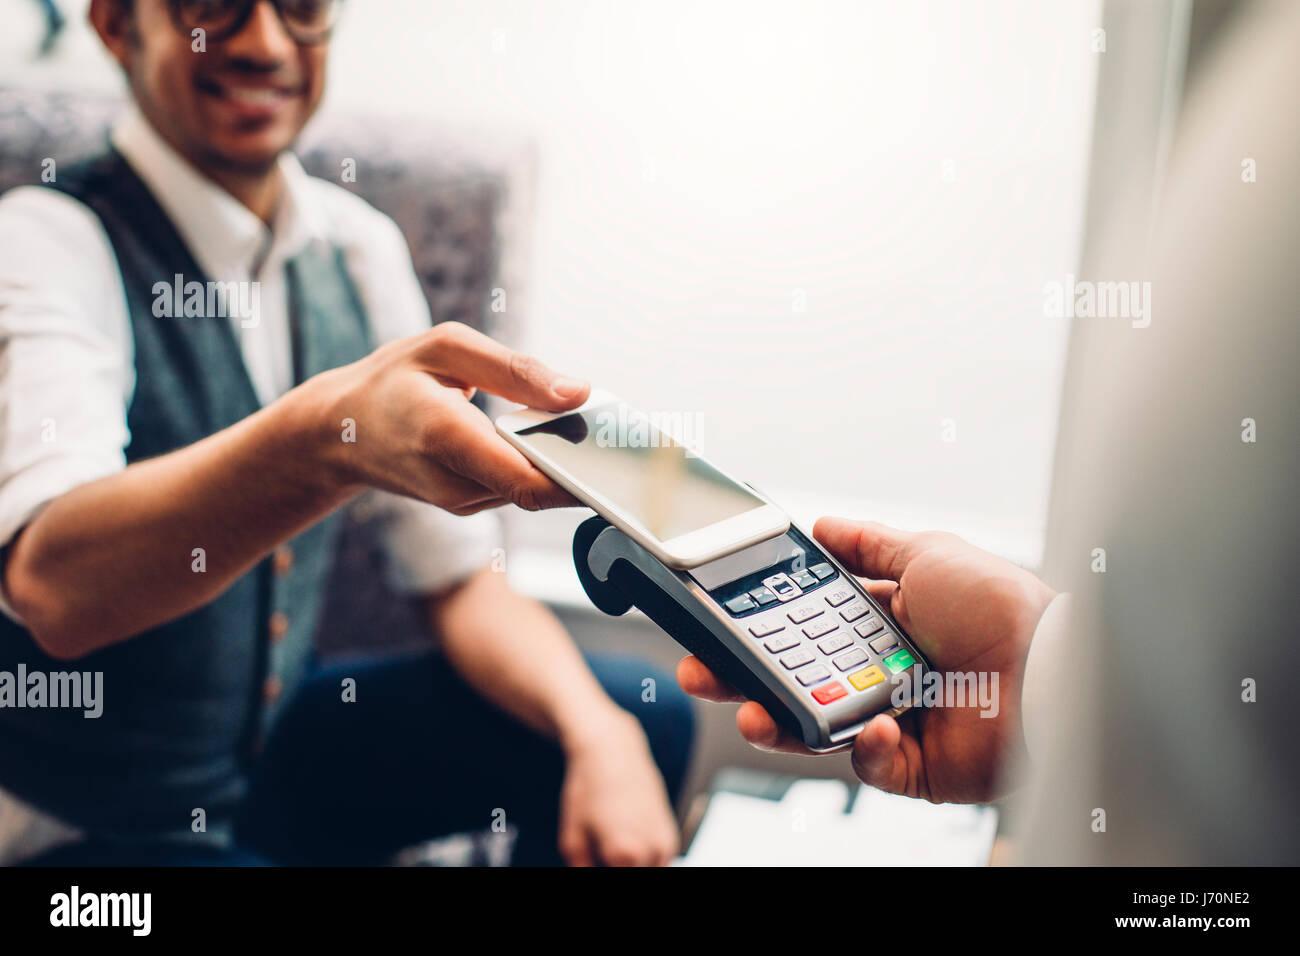 Business-Mann eine kontaktlose Smartphone Zahlung vornehmen. Stockfoto